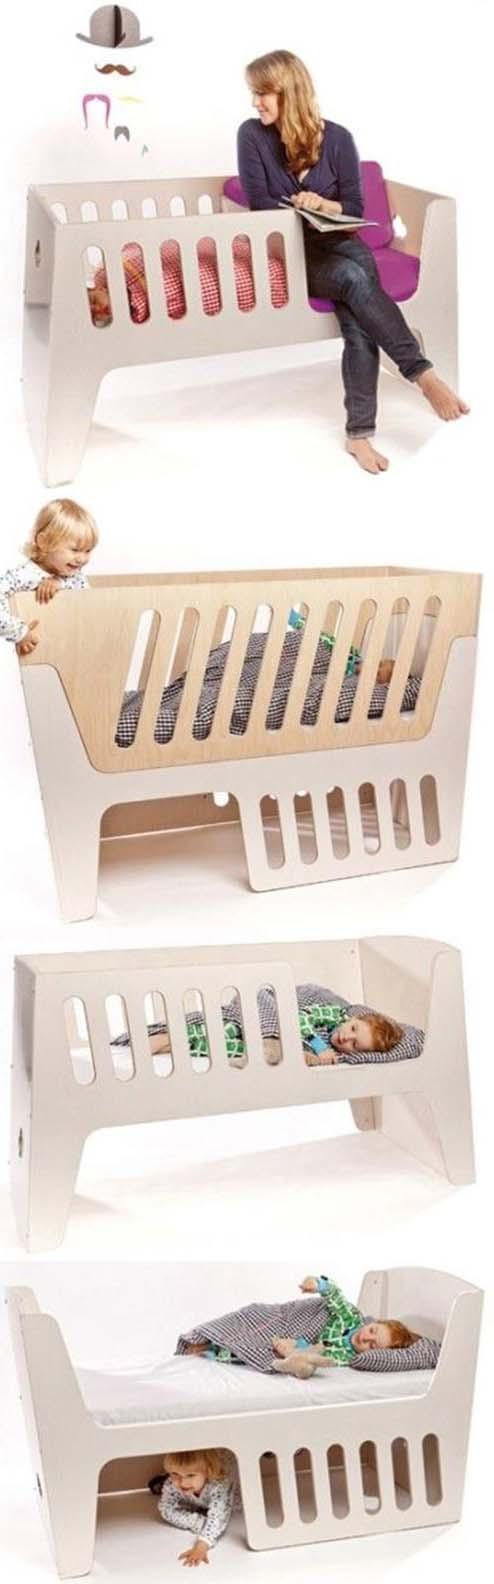 أدوات منزلية بتصميم فريد وذكي